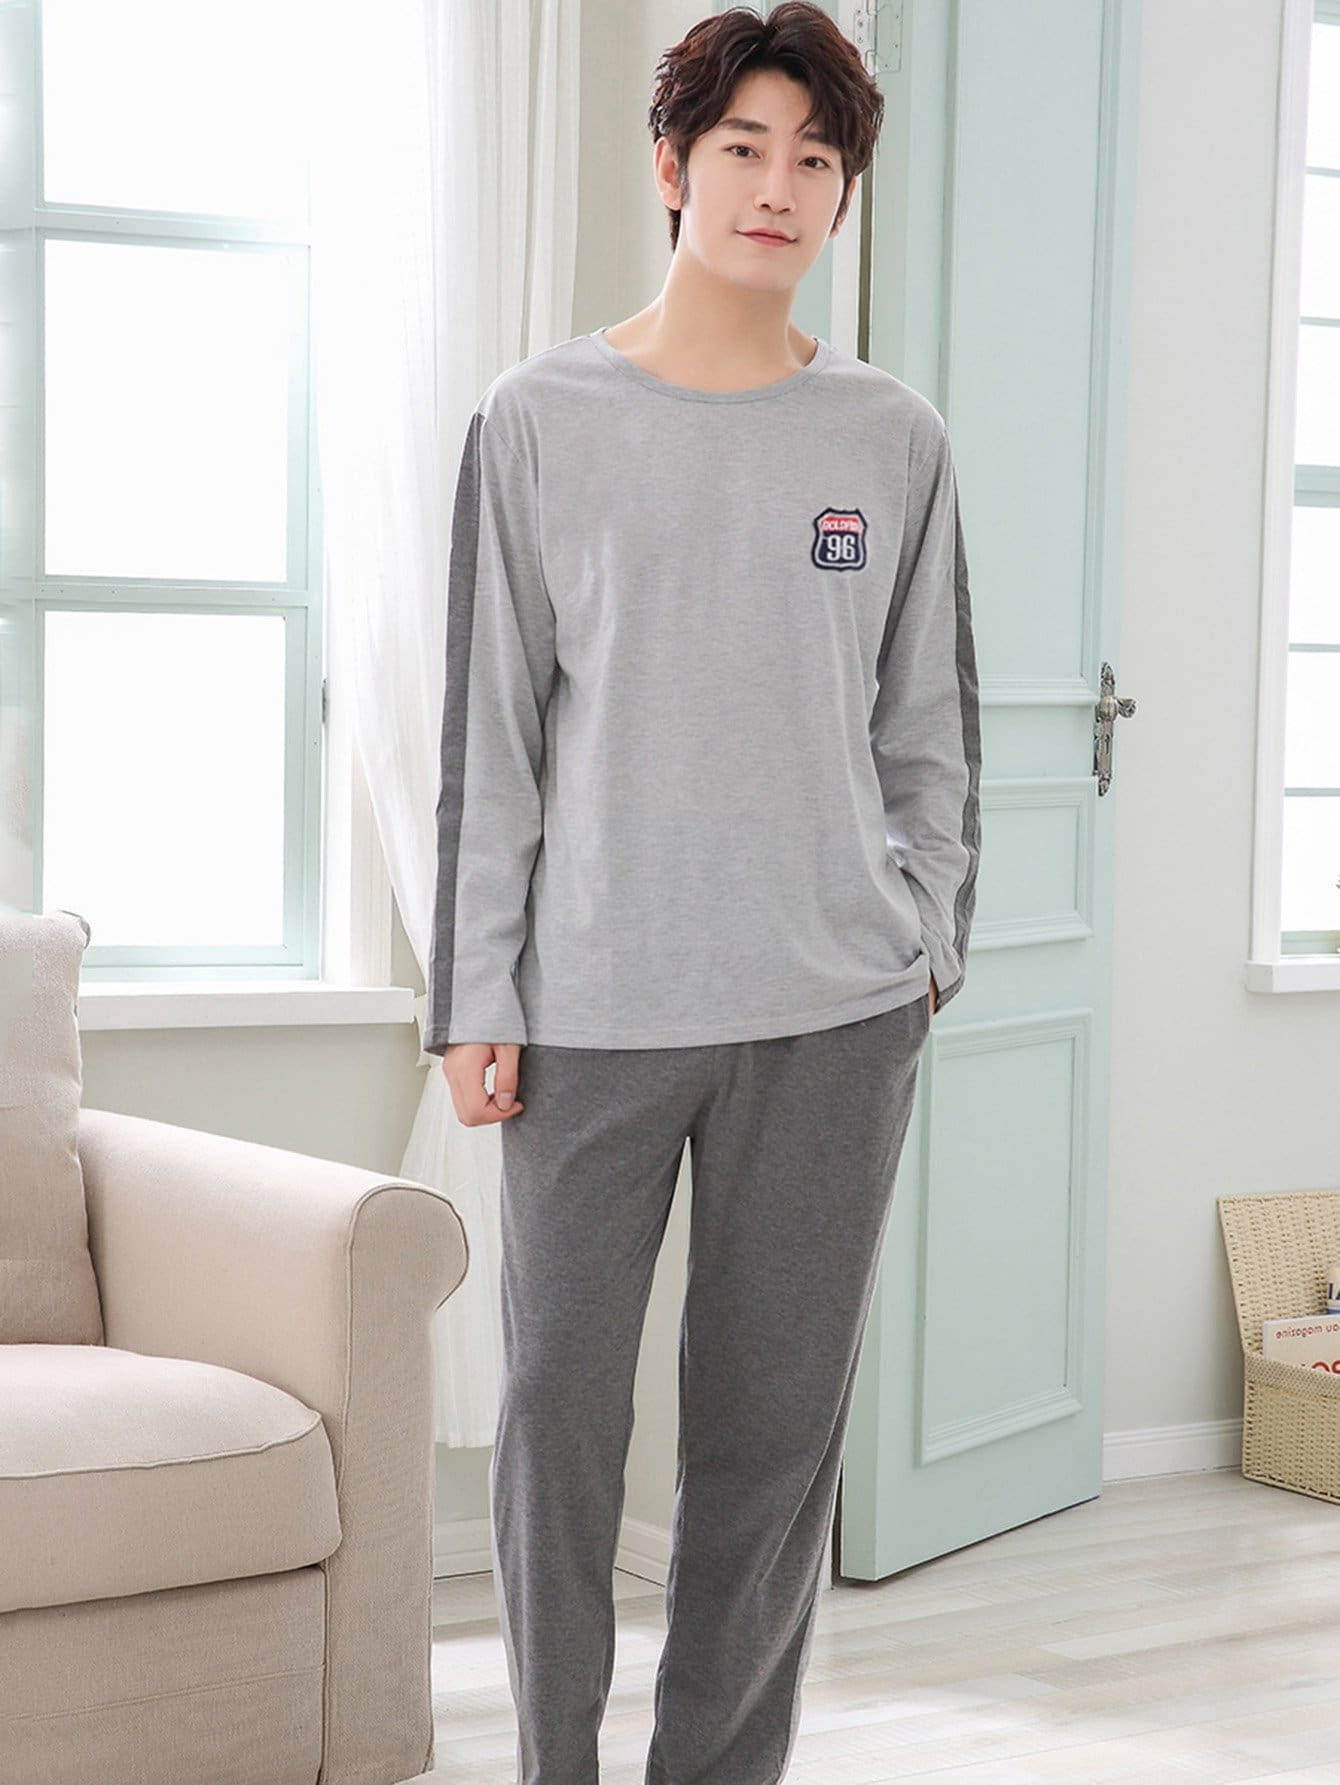 Комплект пижамы со симметрическими заплатами для мужчины от SheIn